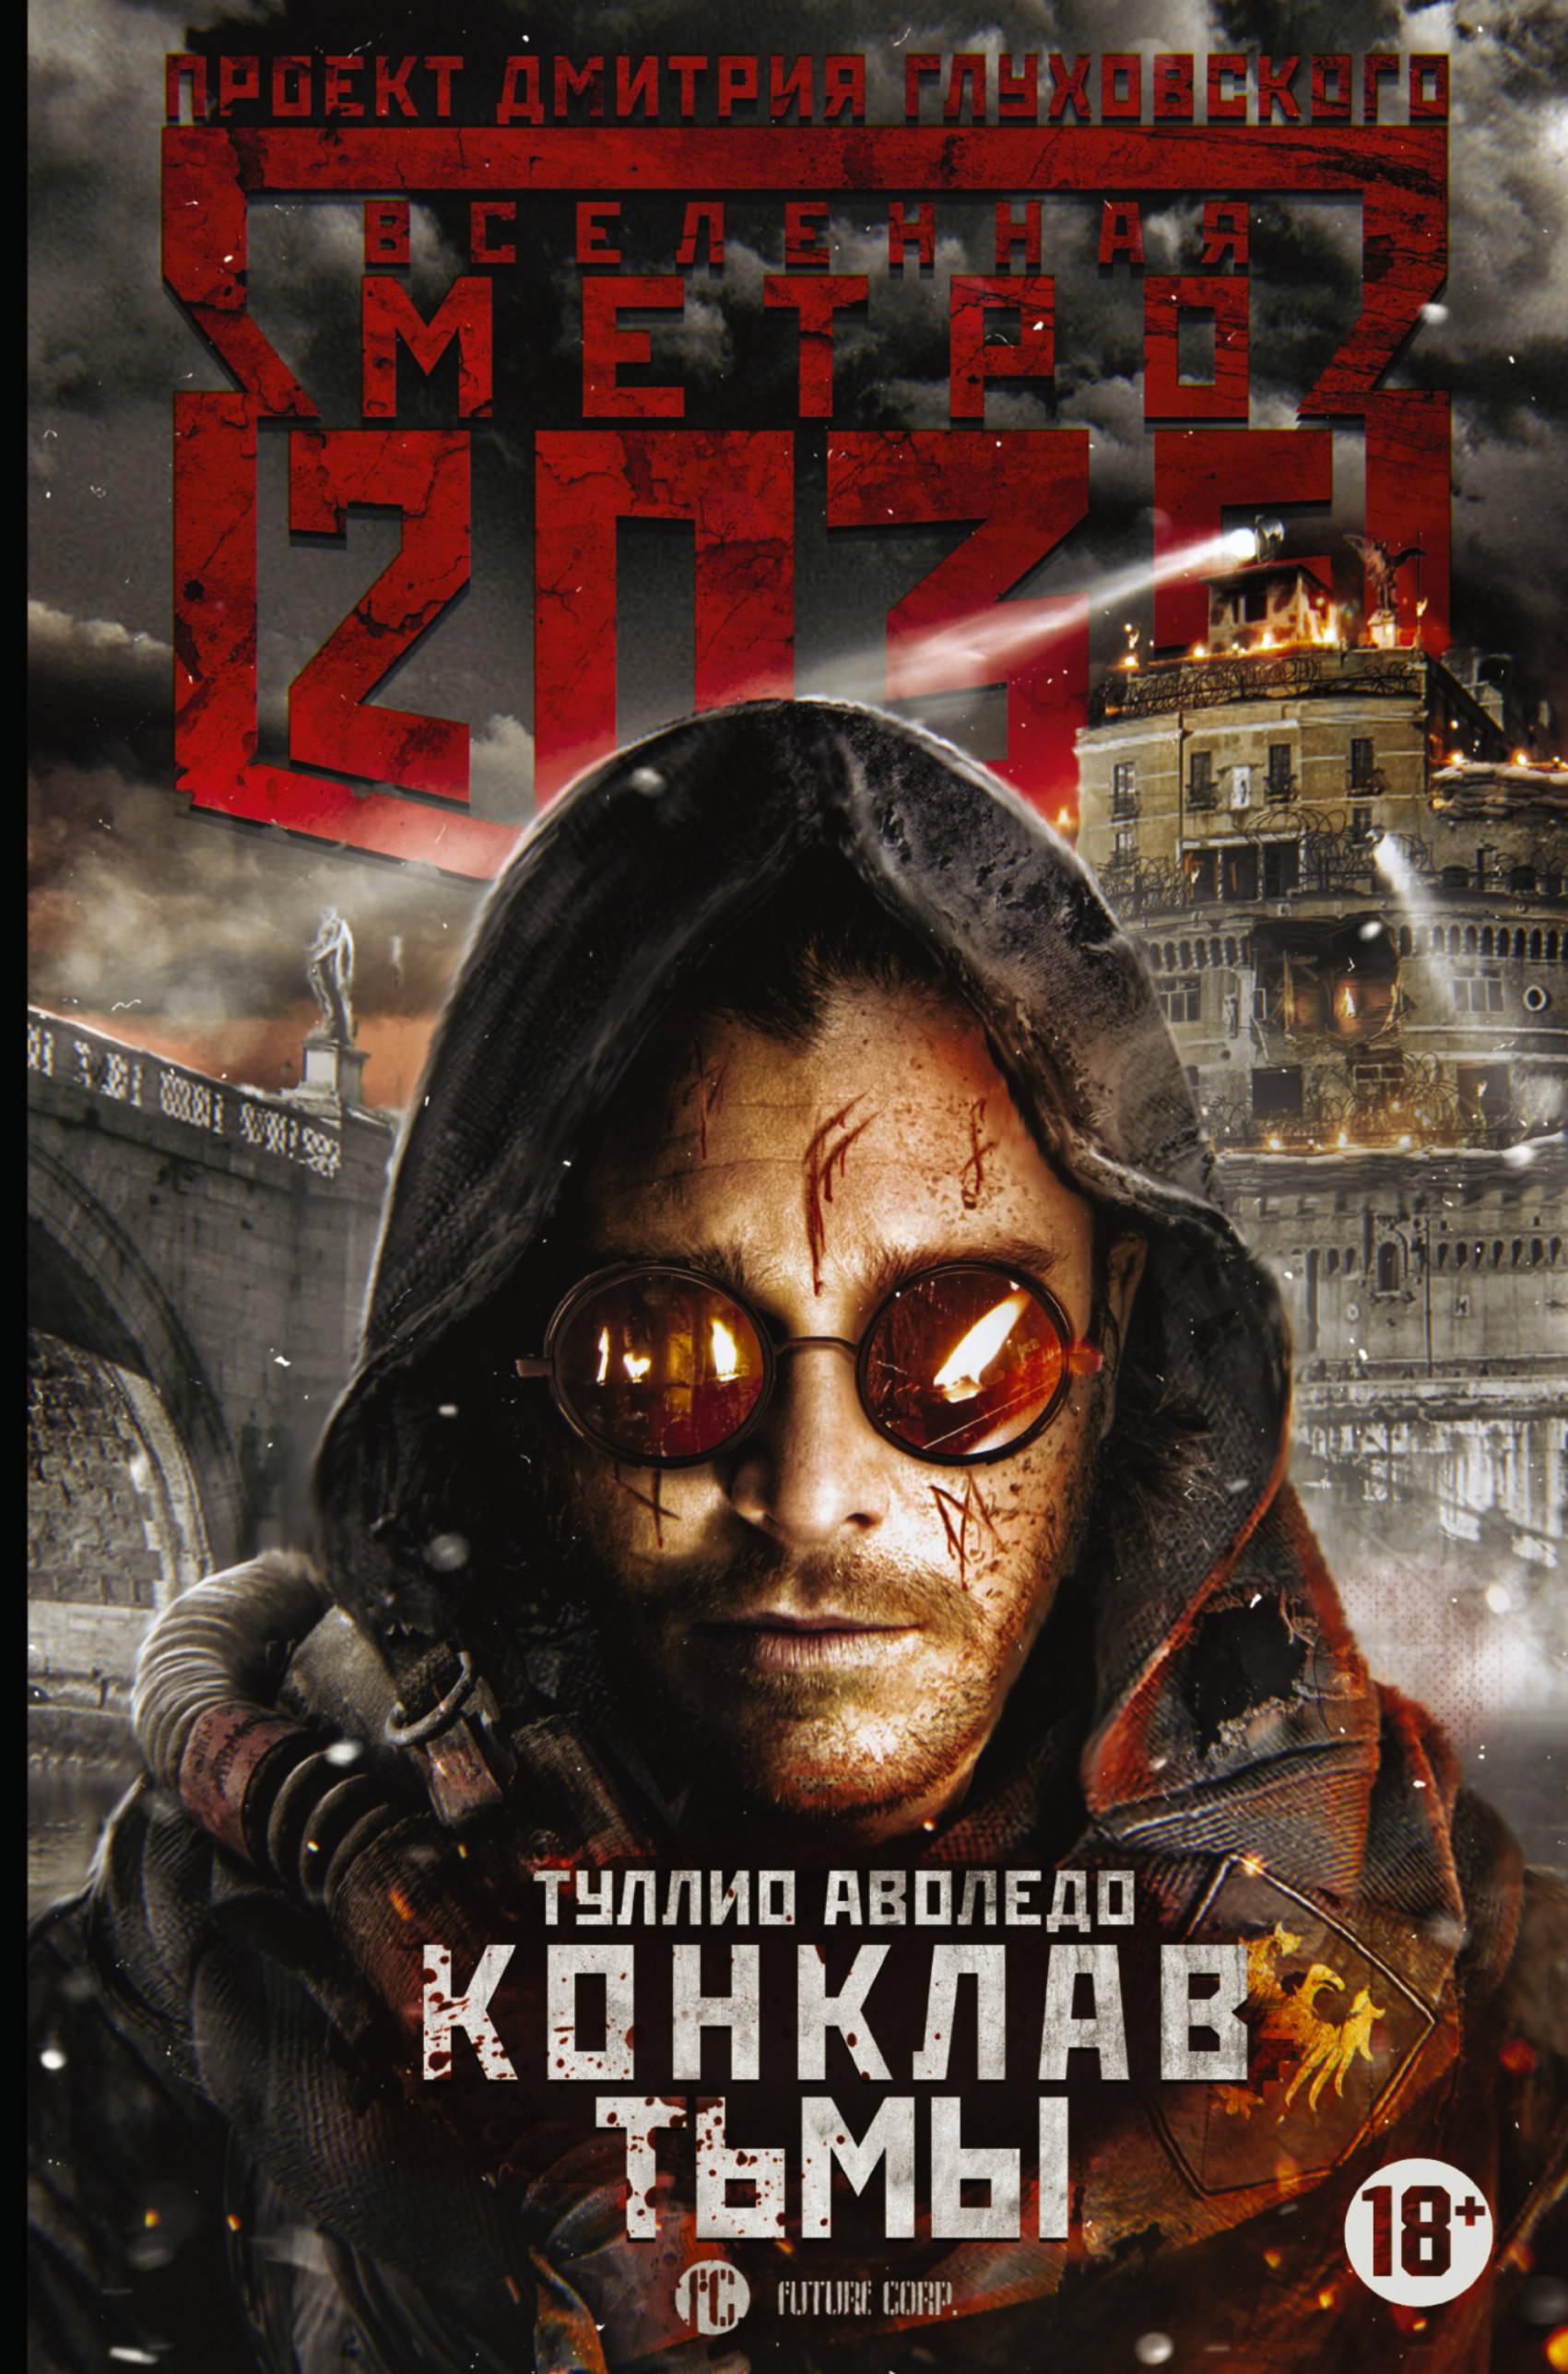 Туллио Аволедою Метро 2035: Конклав тьмы